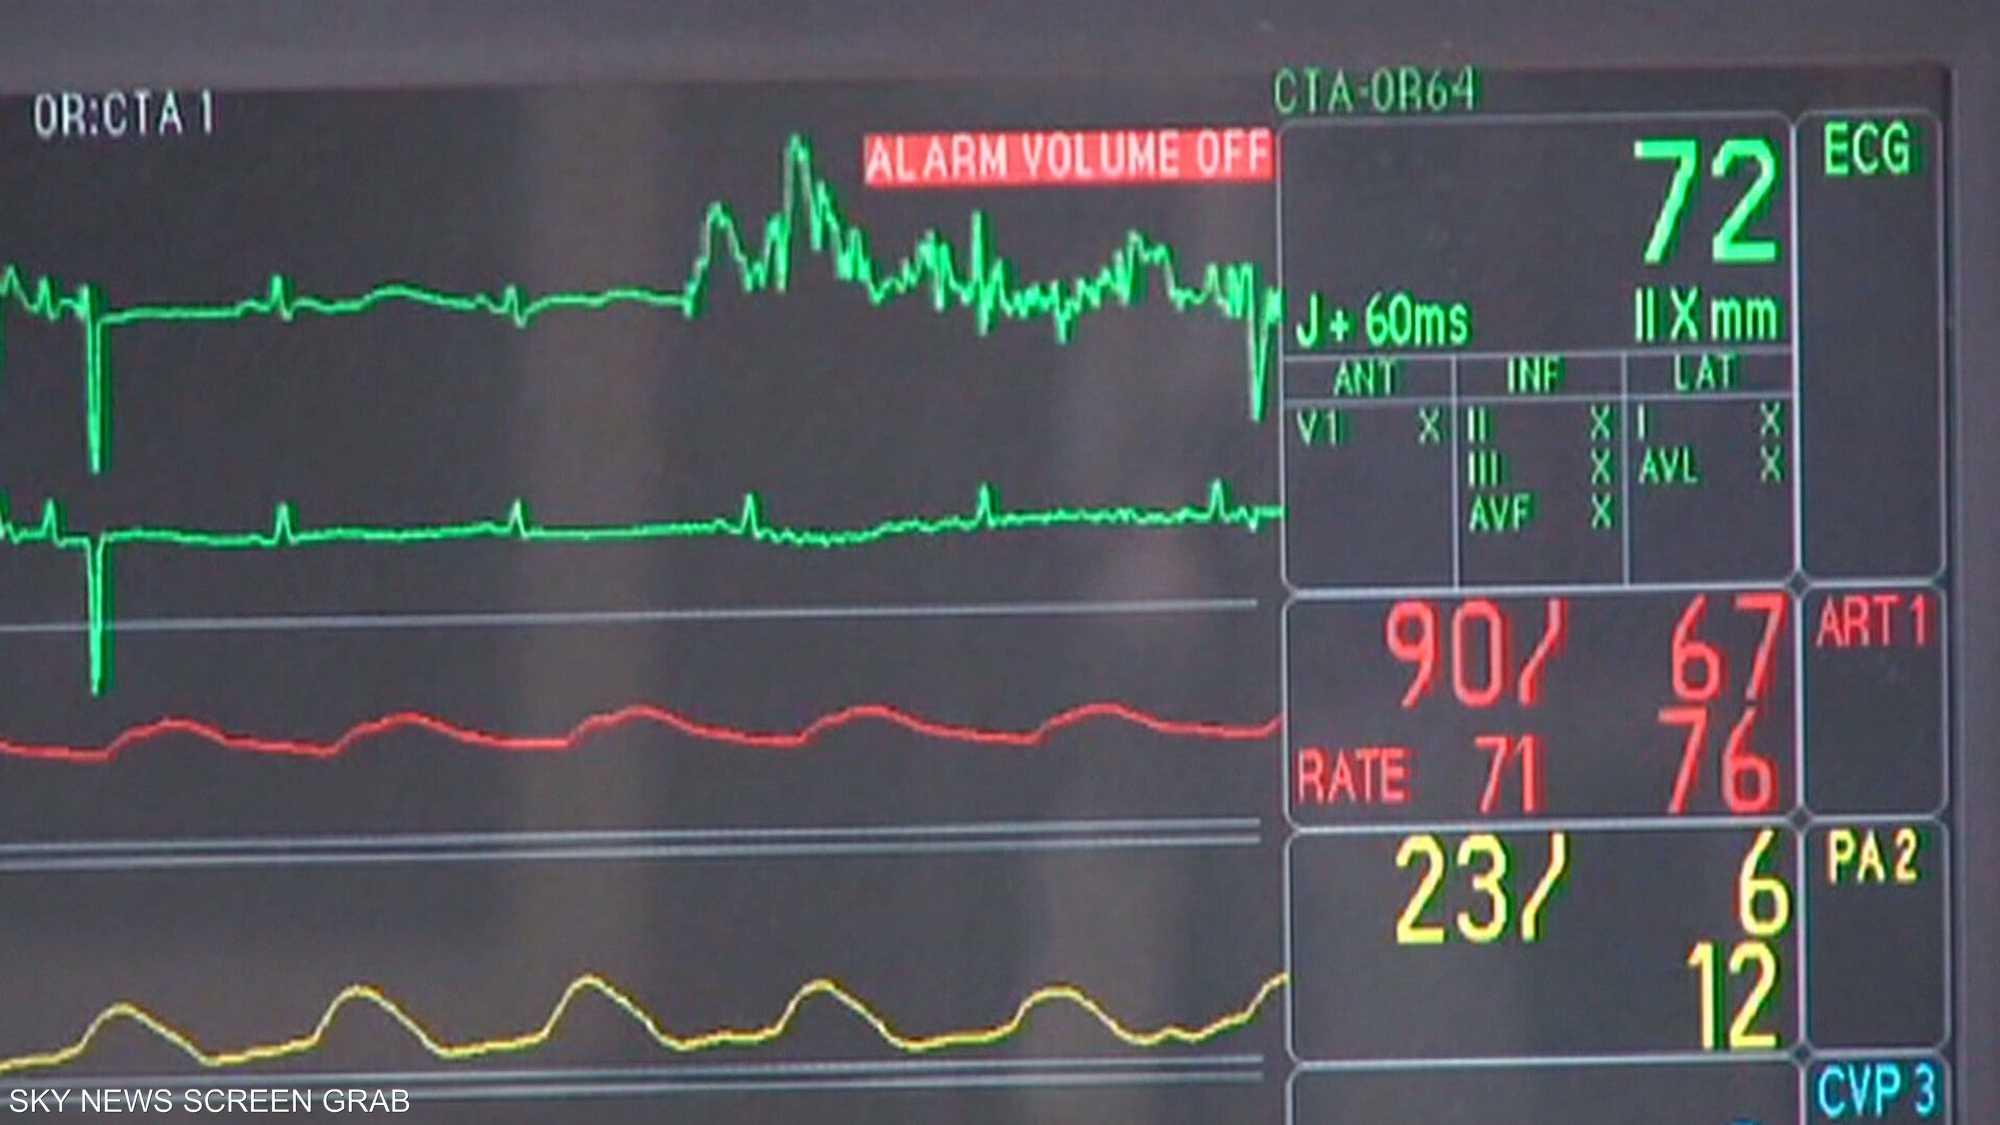 ارتفاع ضغط الدم قد يؤدي لنوبة قلبية تهدد الحياة